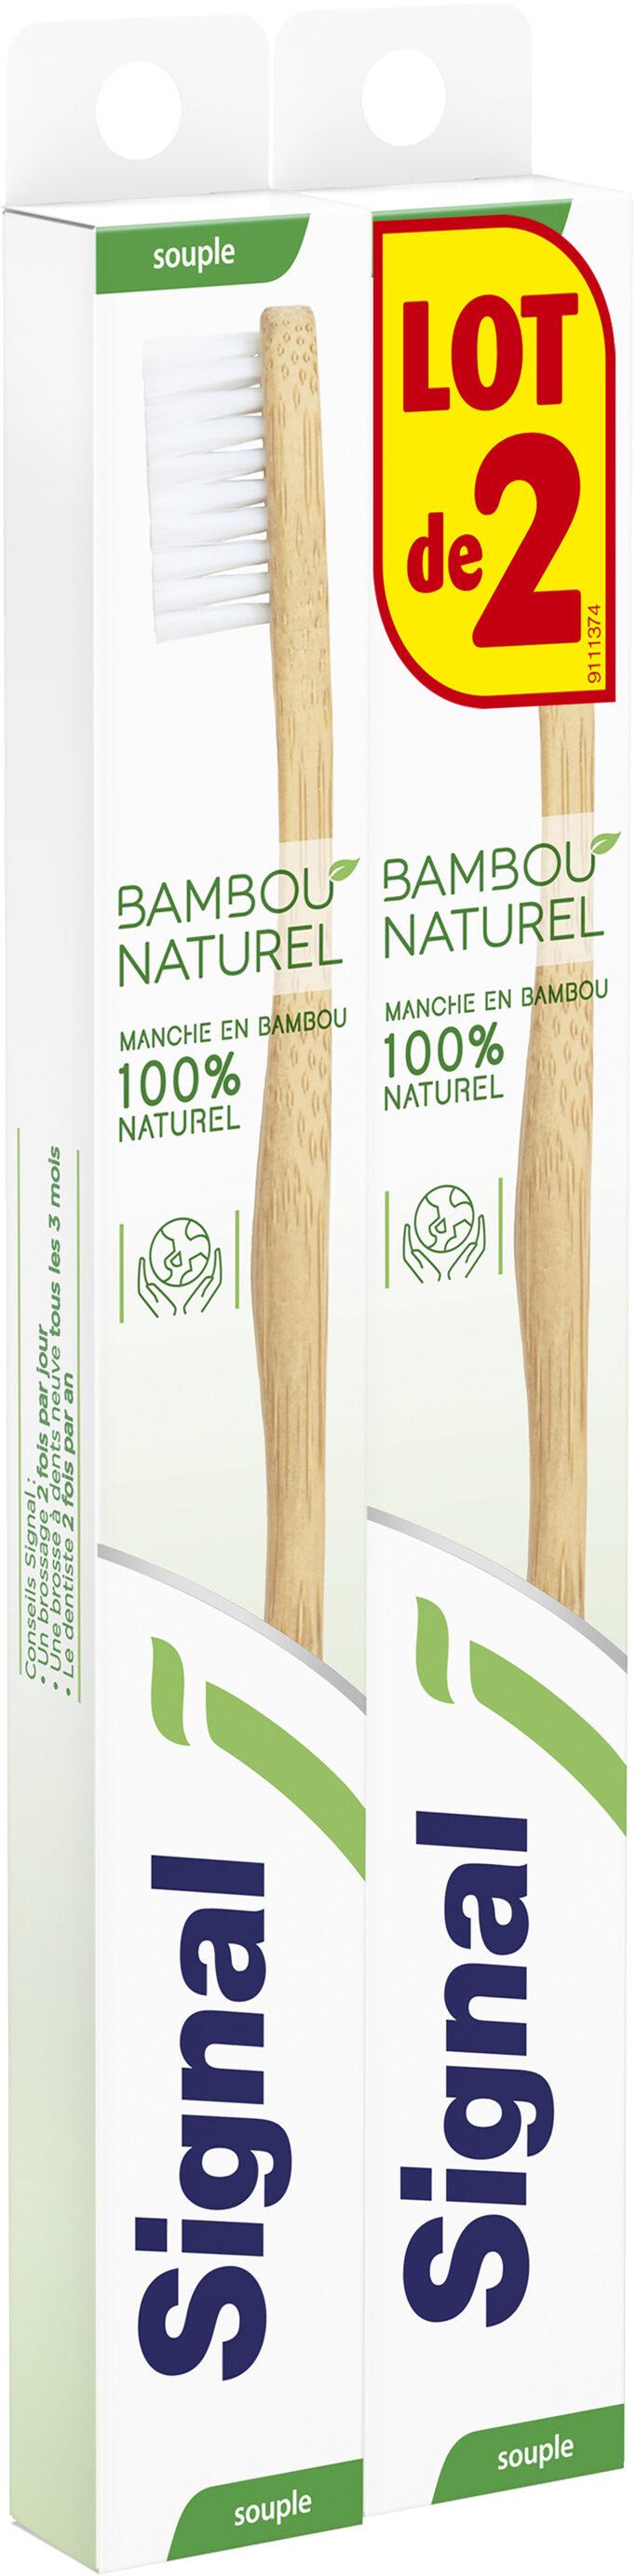 Signal Brosse à Dents Manuelle Manche en Bambou 100% Naturel Souple x2 - Product - fr